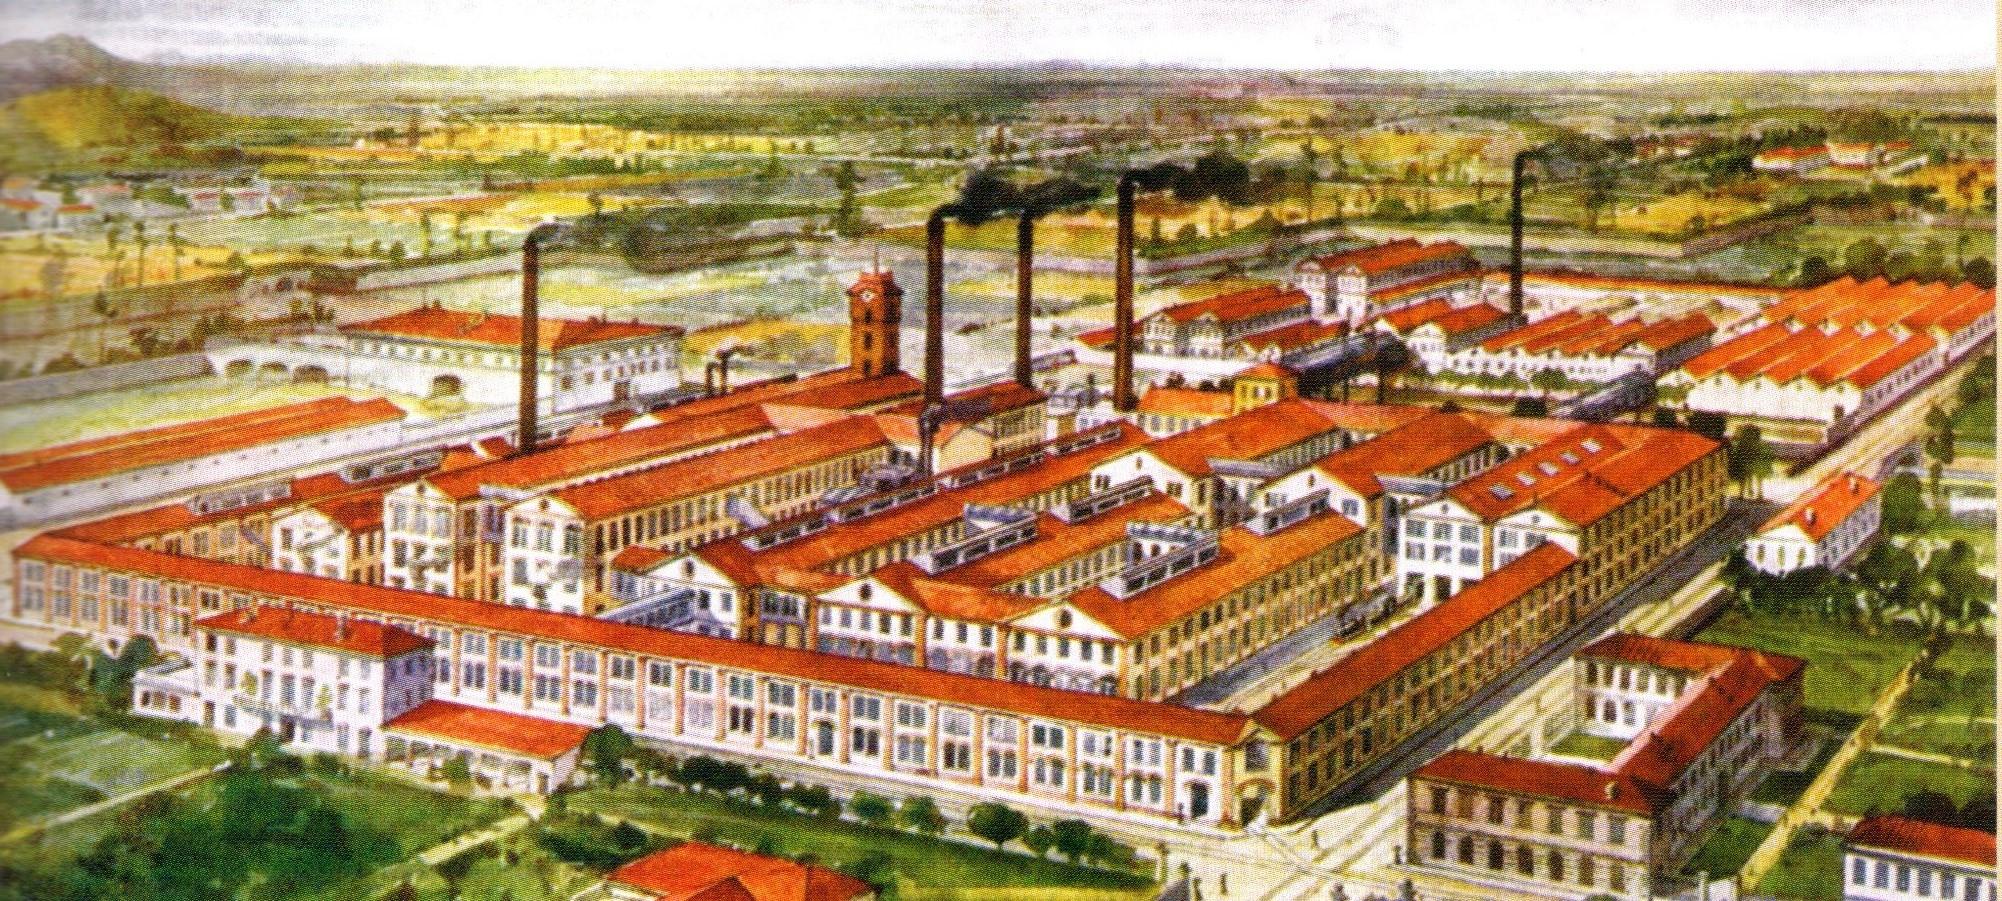 La fabbrica Borsalino in una tavola illustrativa dell'album realizzato per l'Esposizione Universale nel 1910.